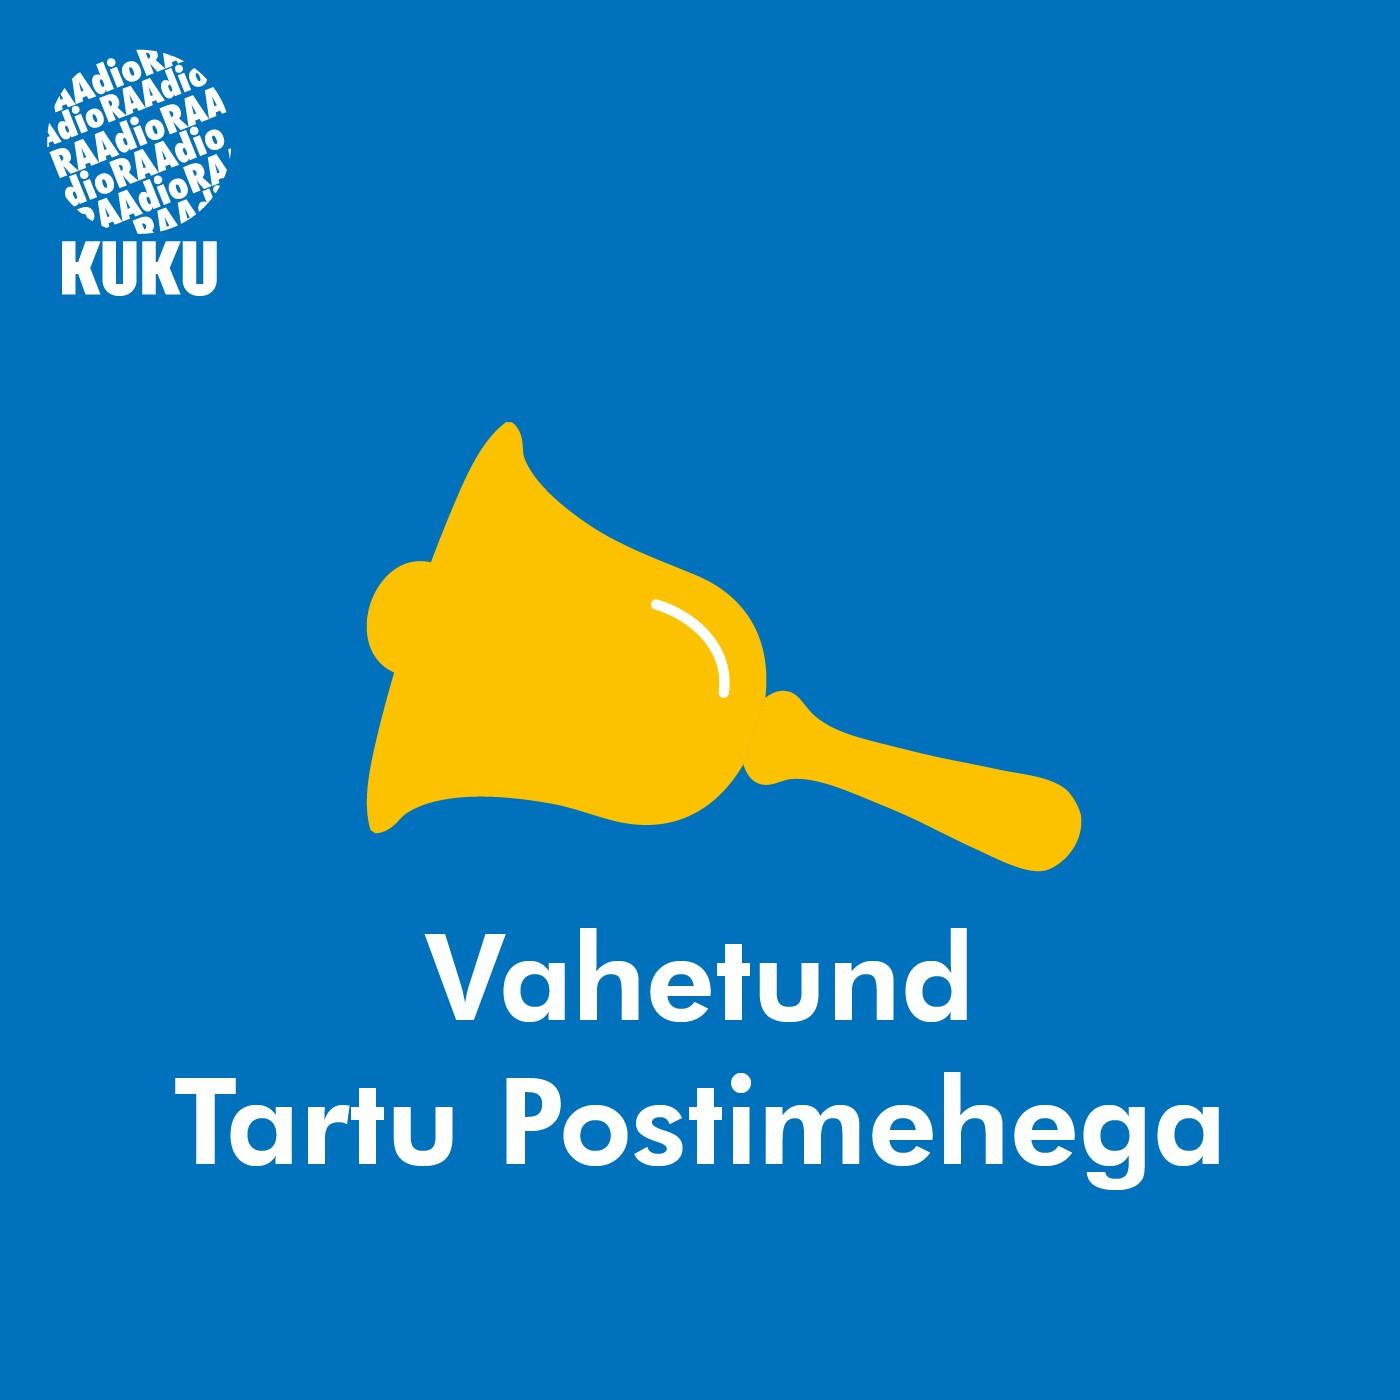 Vahetund Tartu Postimehega